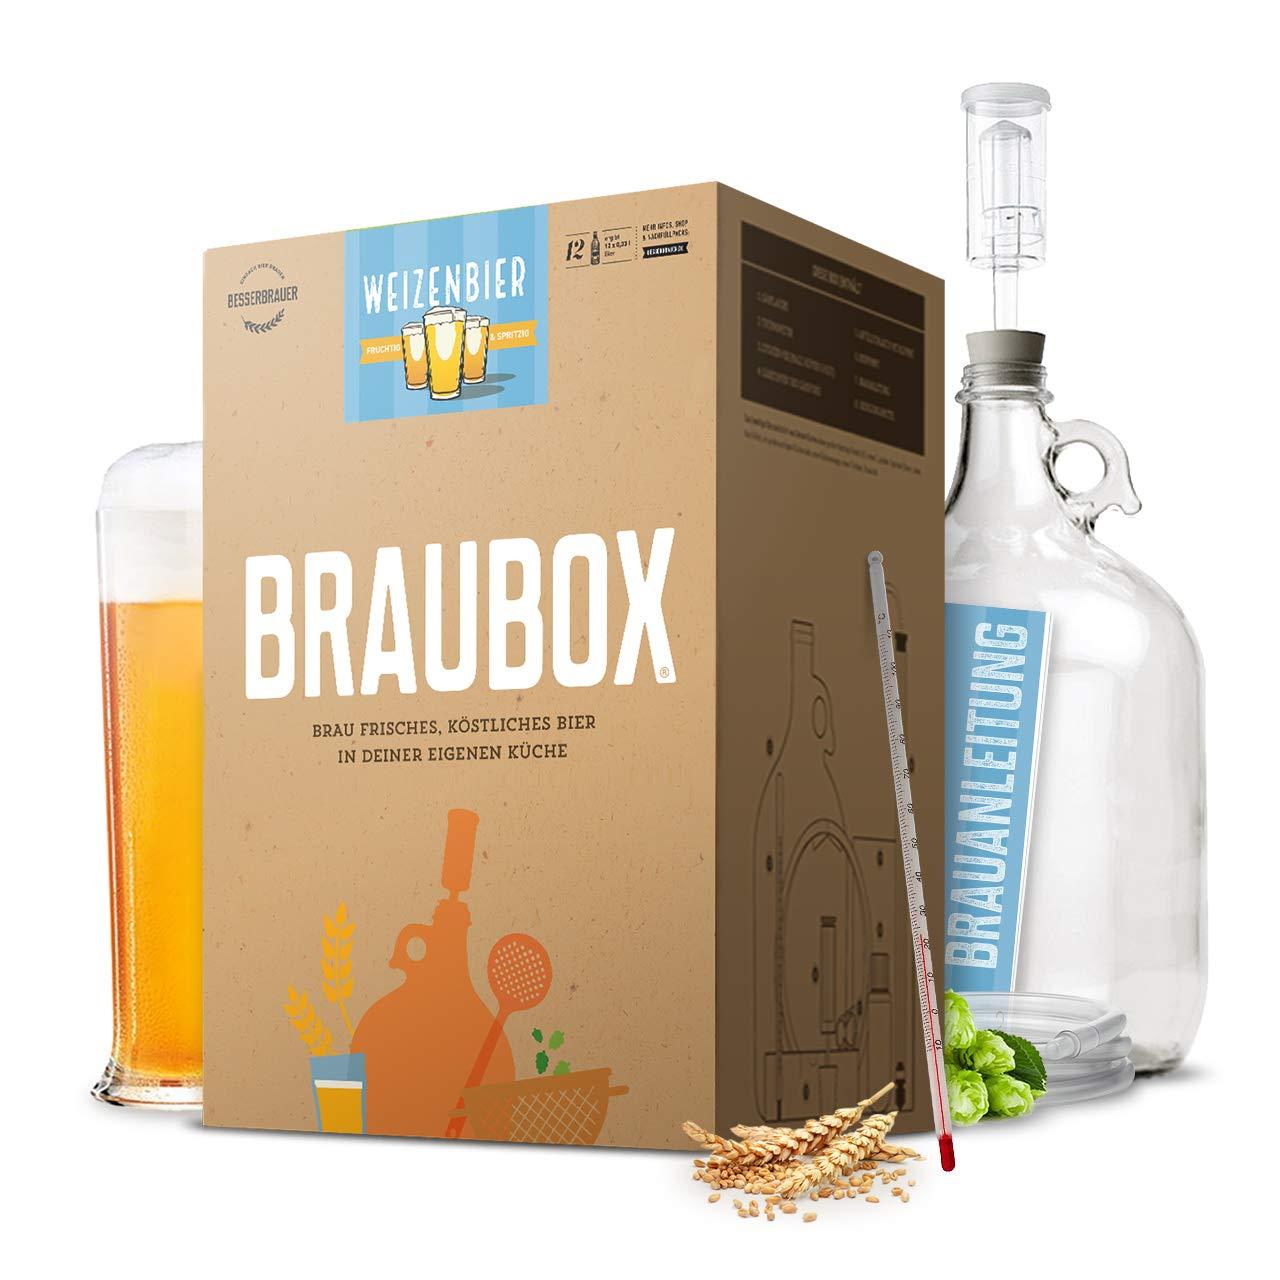 Braubox®, Sorte Weizenbier | Bierbrauset zum Bier brauen in der Küche | mit Erfolgsgarantie von Besserbrauer Braubox®